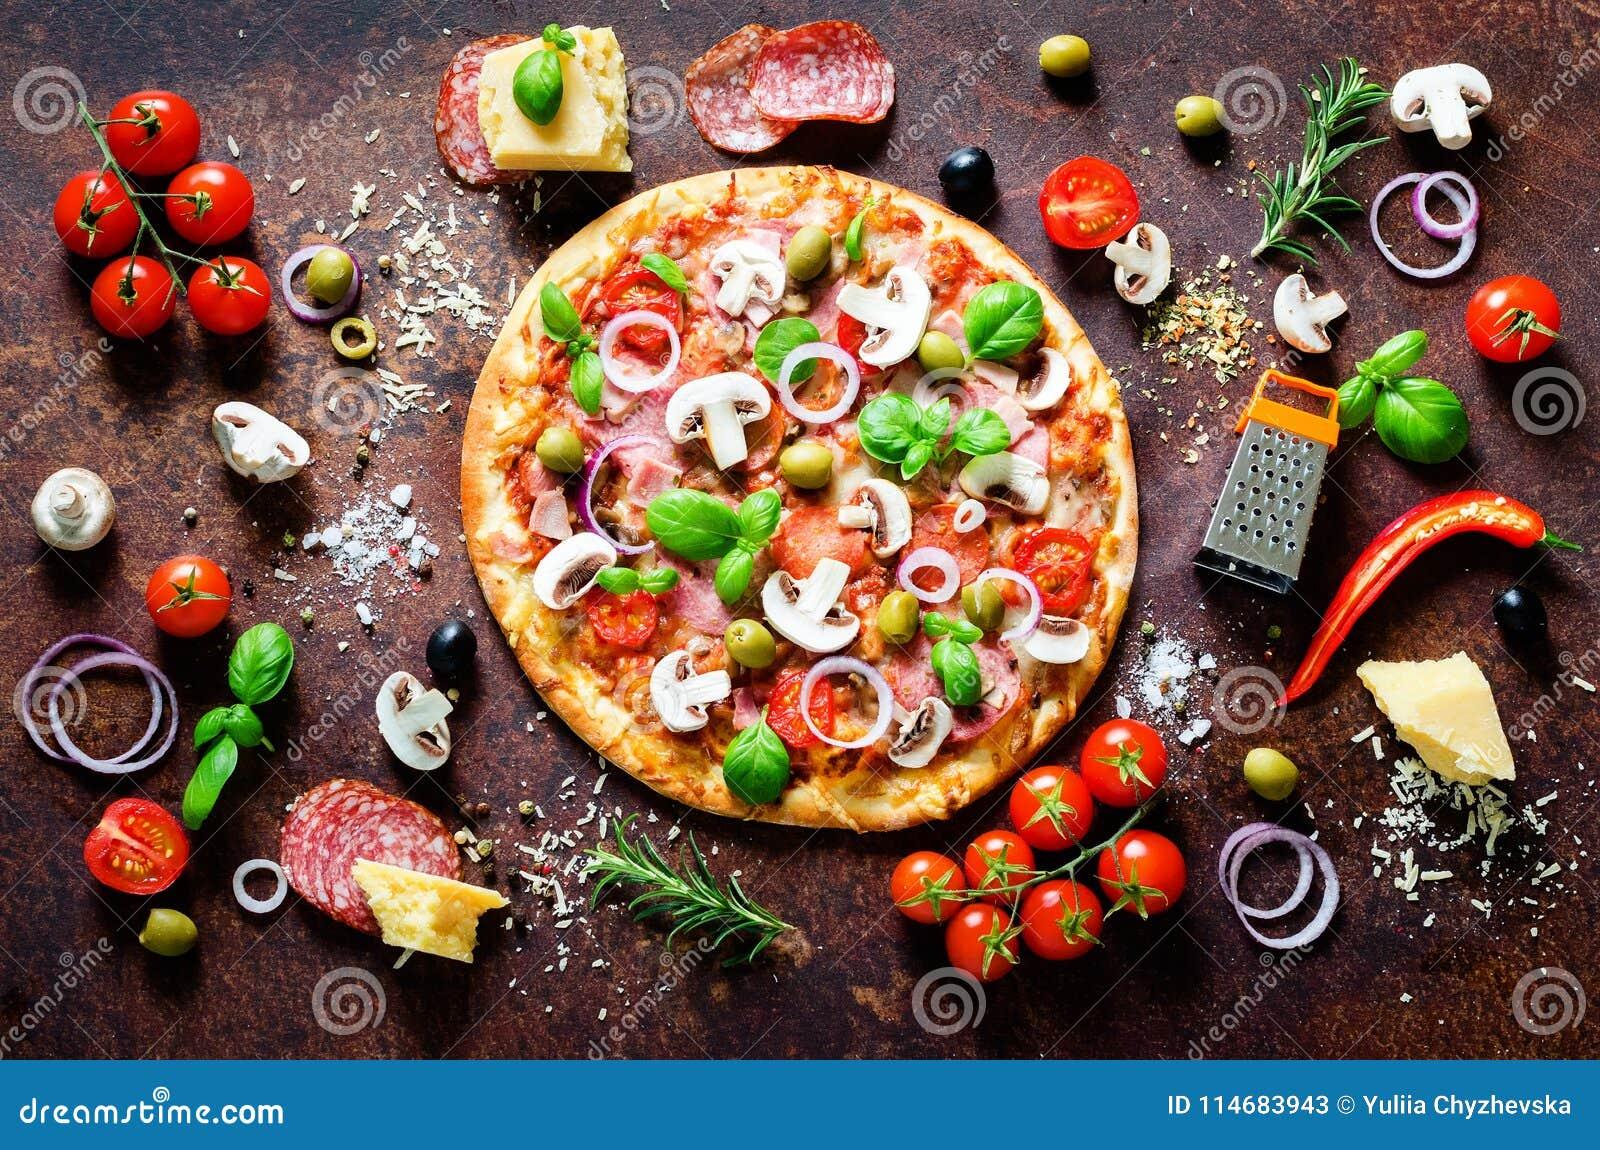 食品成分和香料烹调的可口意大利薄饼 蘑菇,蕃茄,乳酪,葱,油,胡椒,盐